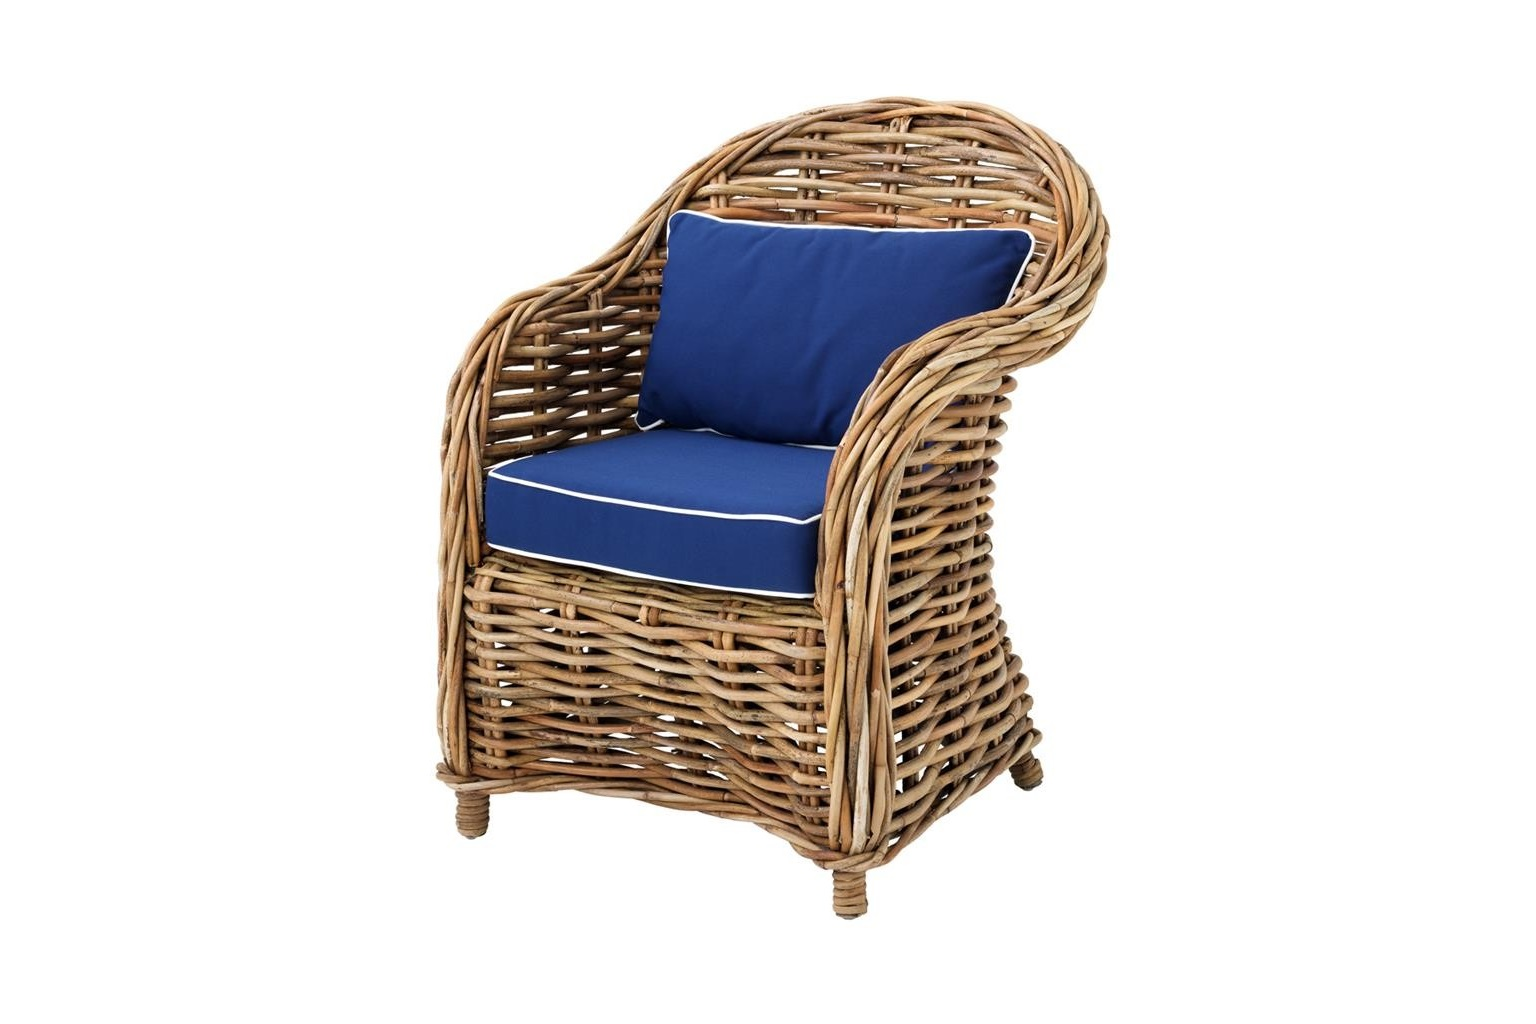 Кресло PretoriaКресла для сада<br><br><br>Material: Ротанг<br>Ширина см: 64.0<br>Высота см: 88.0<br>Глубина см: 70.0